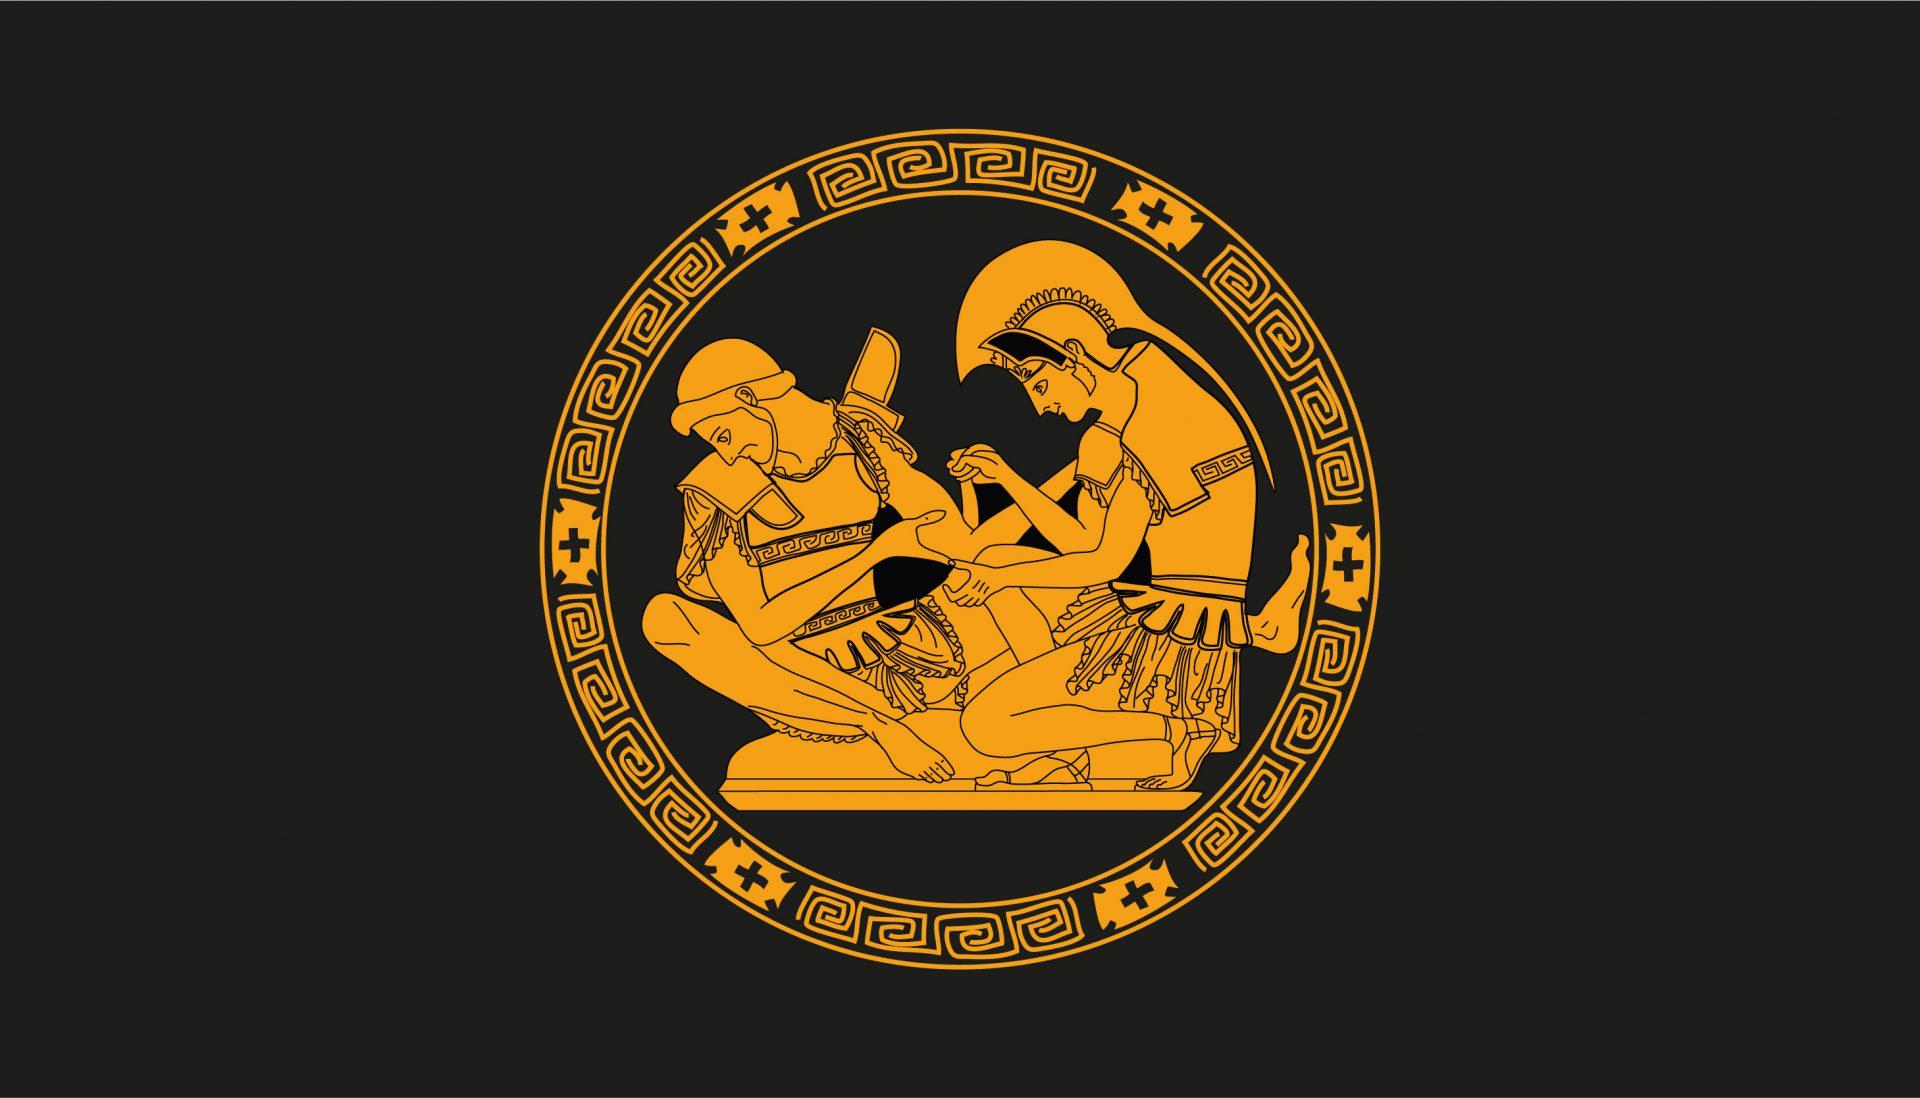 Elaborazione grafica ispirata alle anfore dell'Antica Grecia